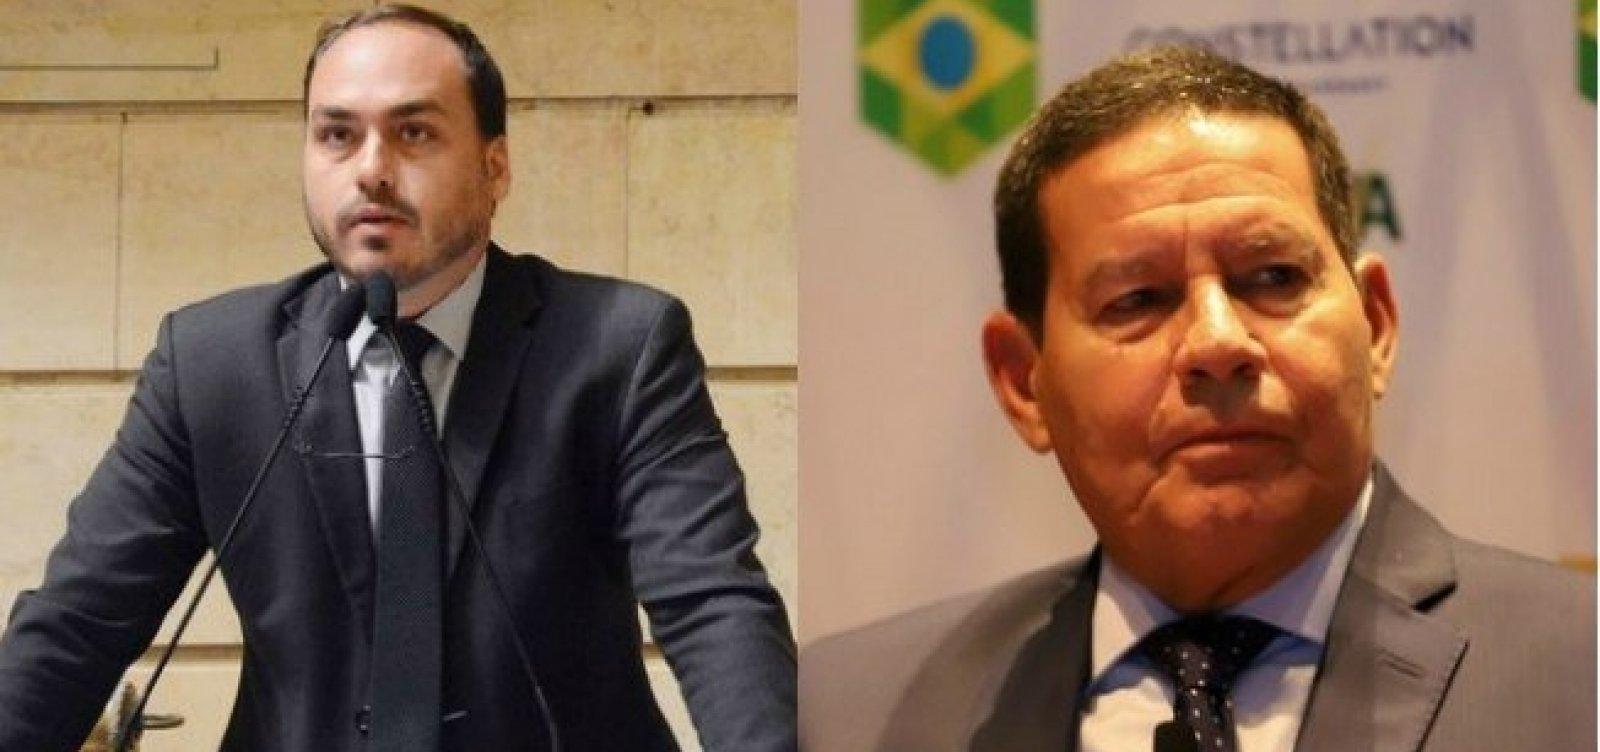 Carlos Bolsonaro ignora 'ponto final' indicado pelo pai e volta a atacar Mourão